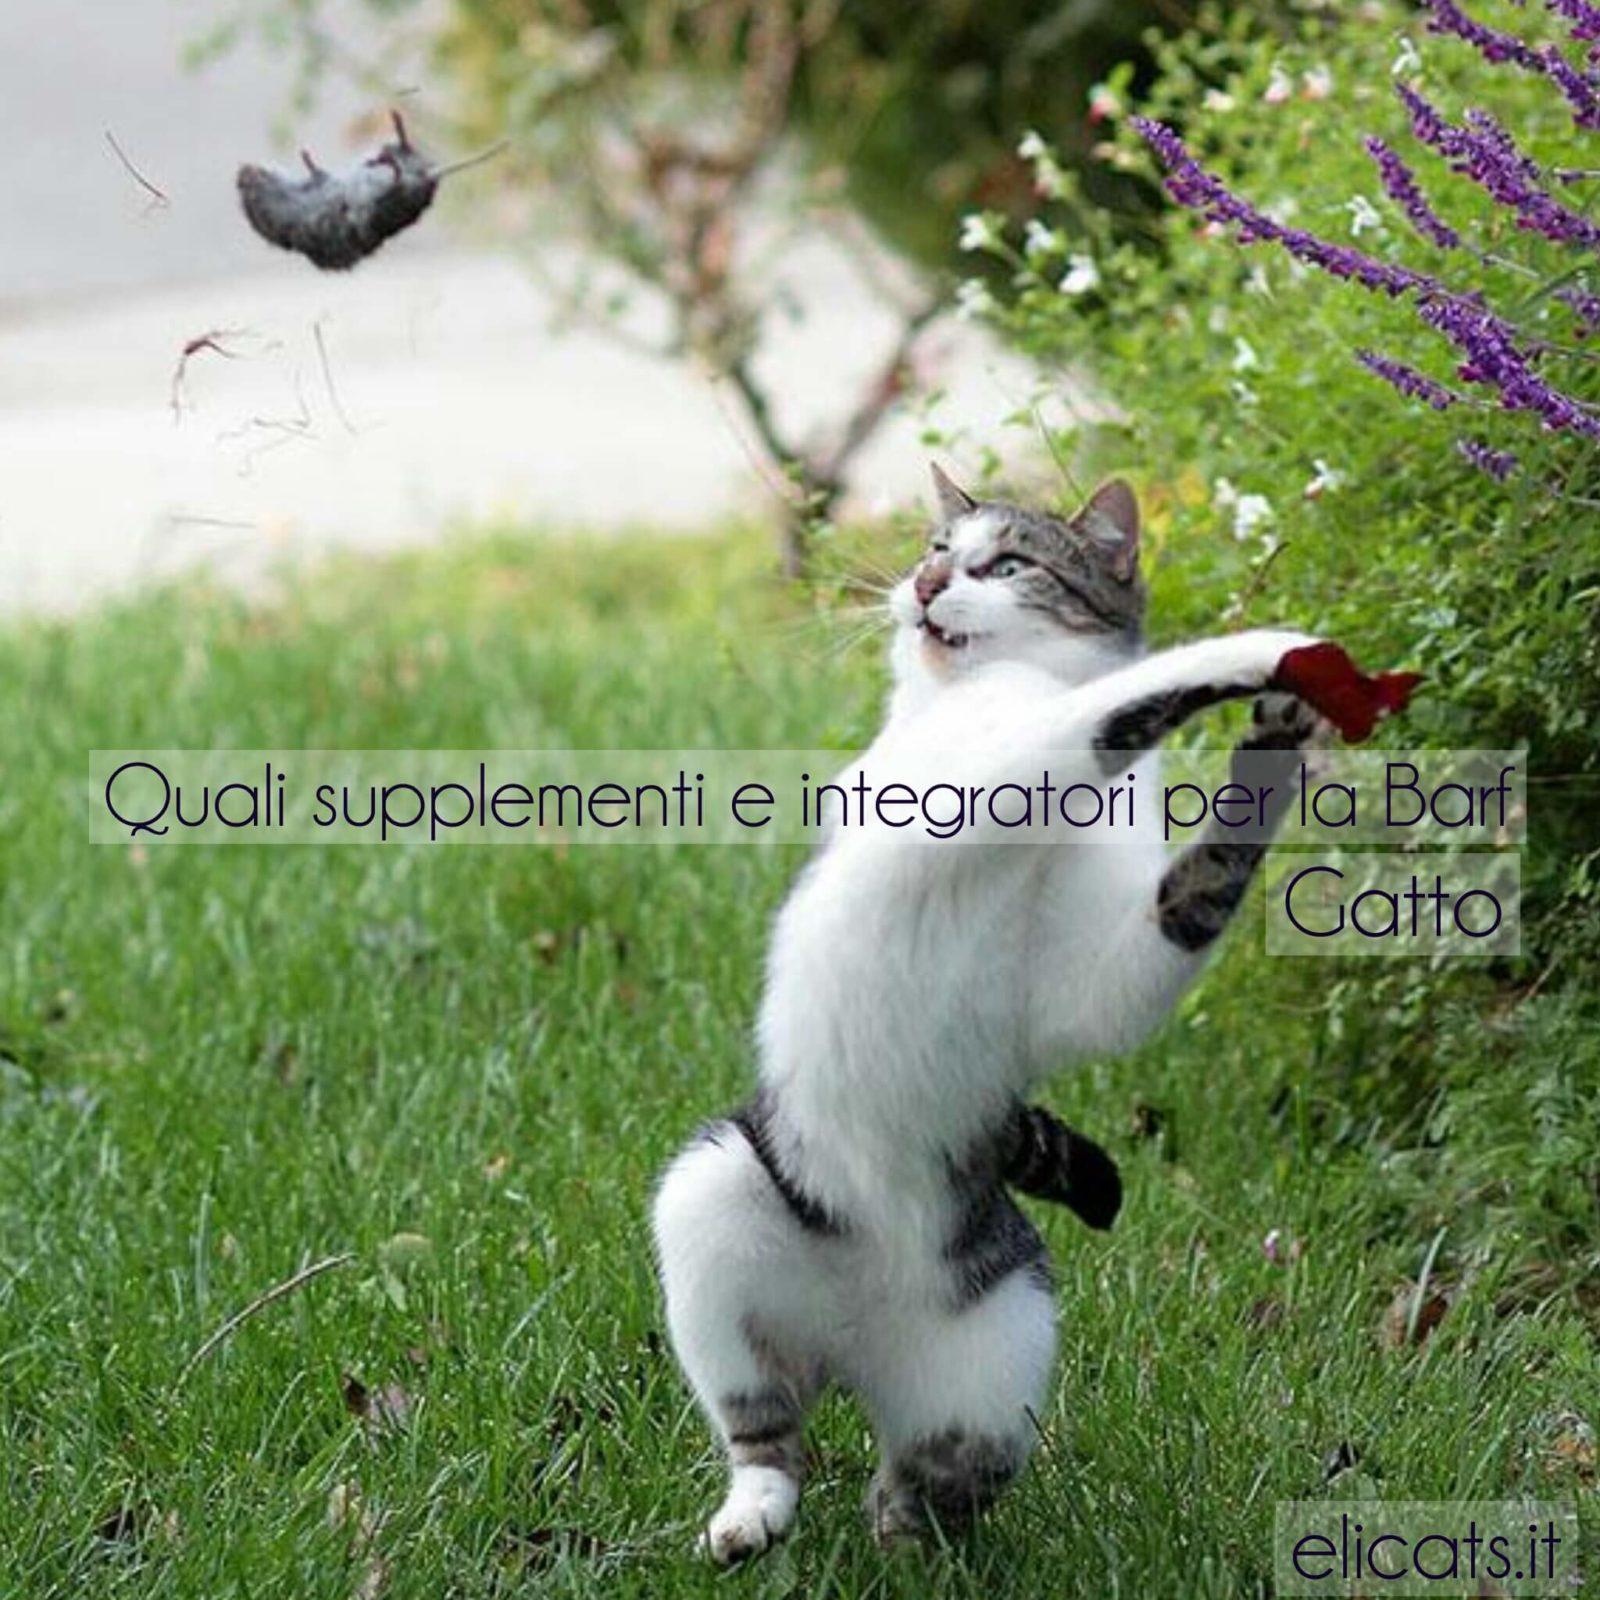 Supplementi BARF Gatto Cane